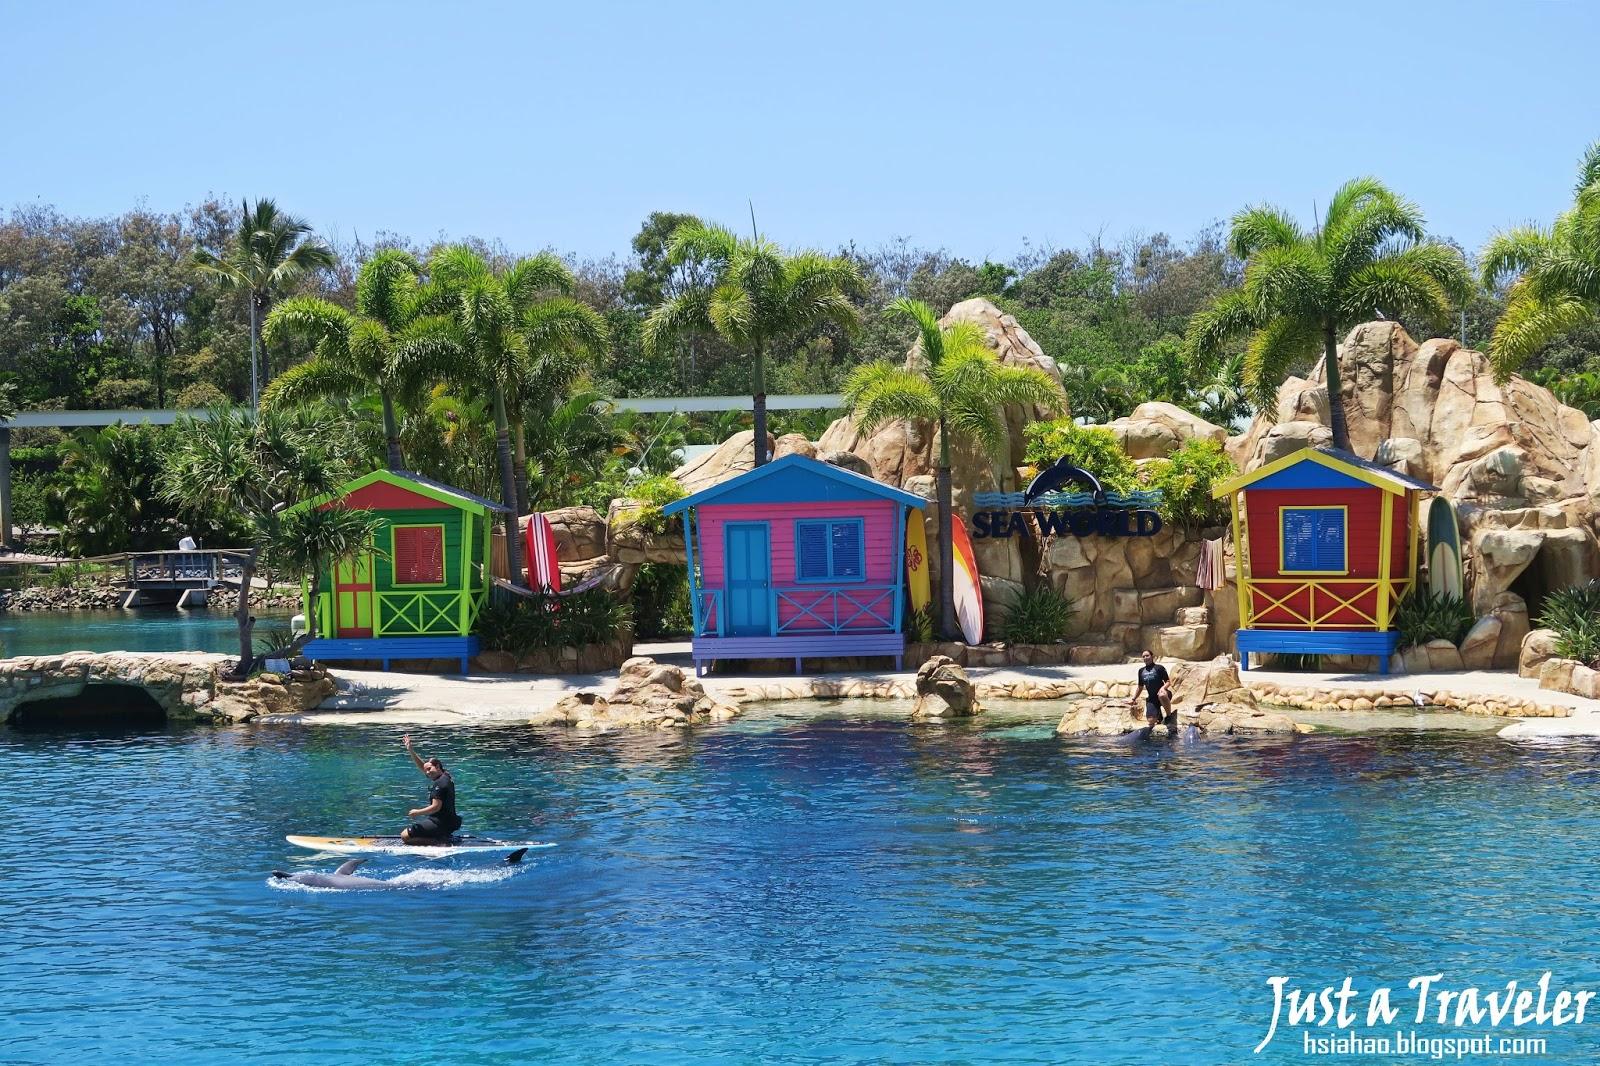 黃金海岸-景點-推薦-主題樂園-遊樂園-海洋世界-好玩-必玩-旅遊-自由行-澳洲-Gold Coast-Theme-Park-best-Attraction-sea-world